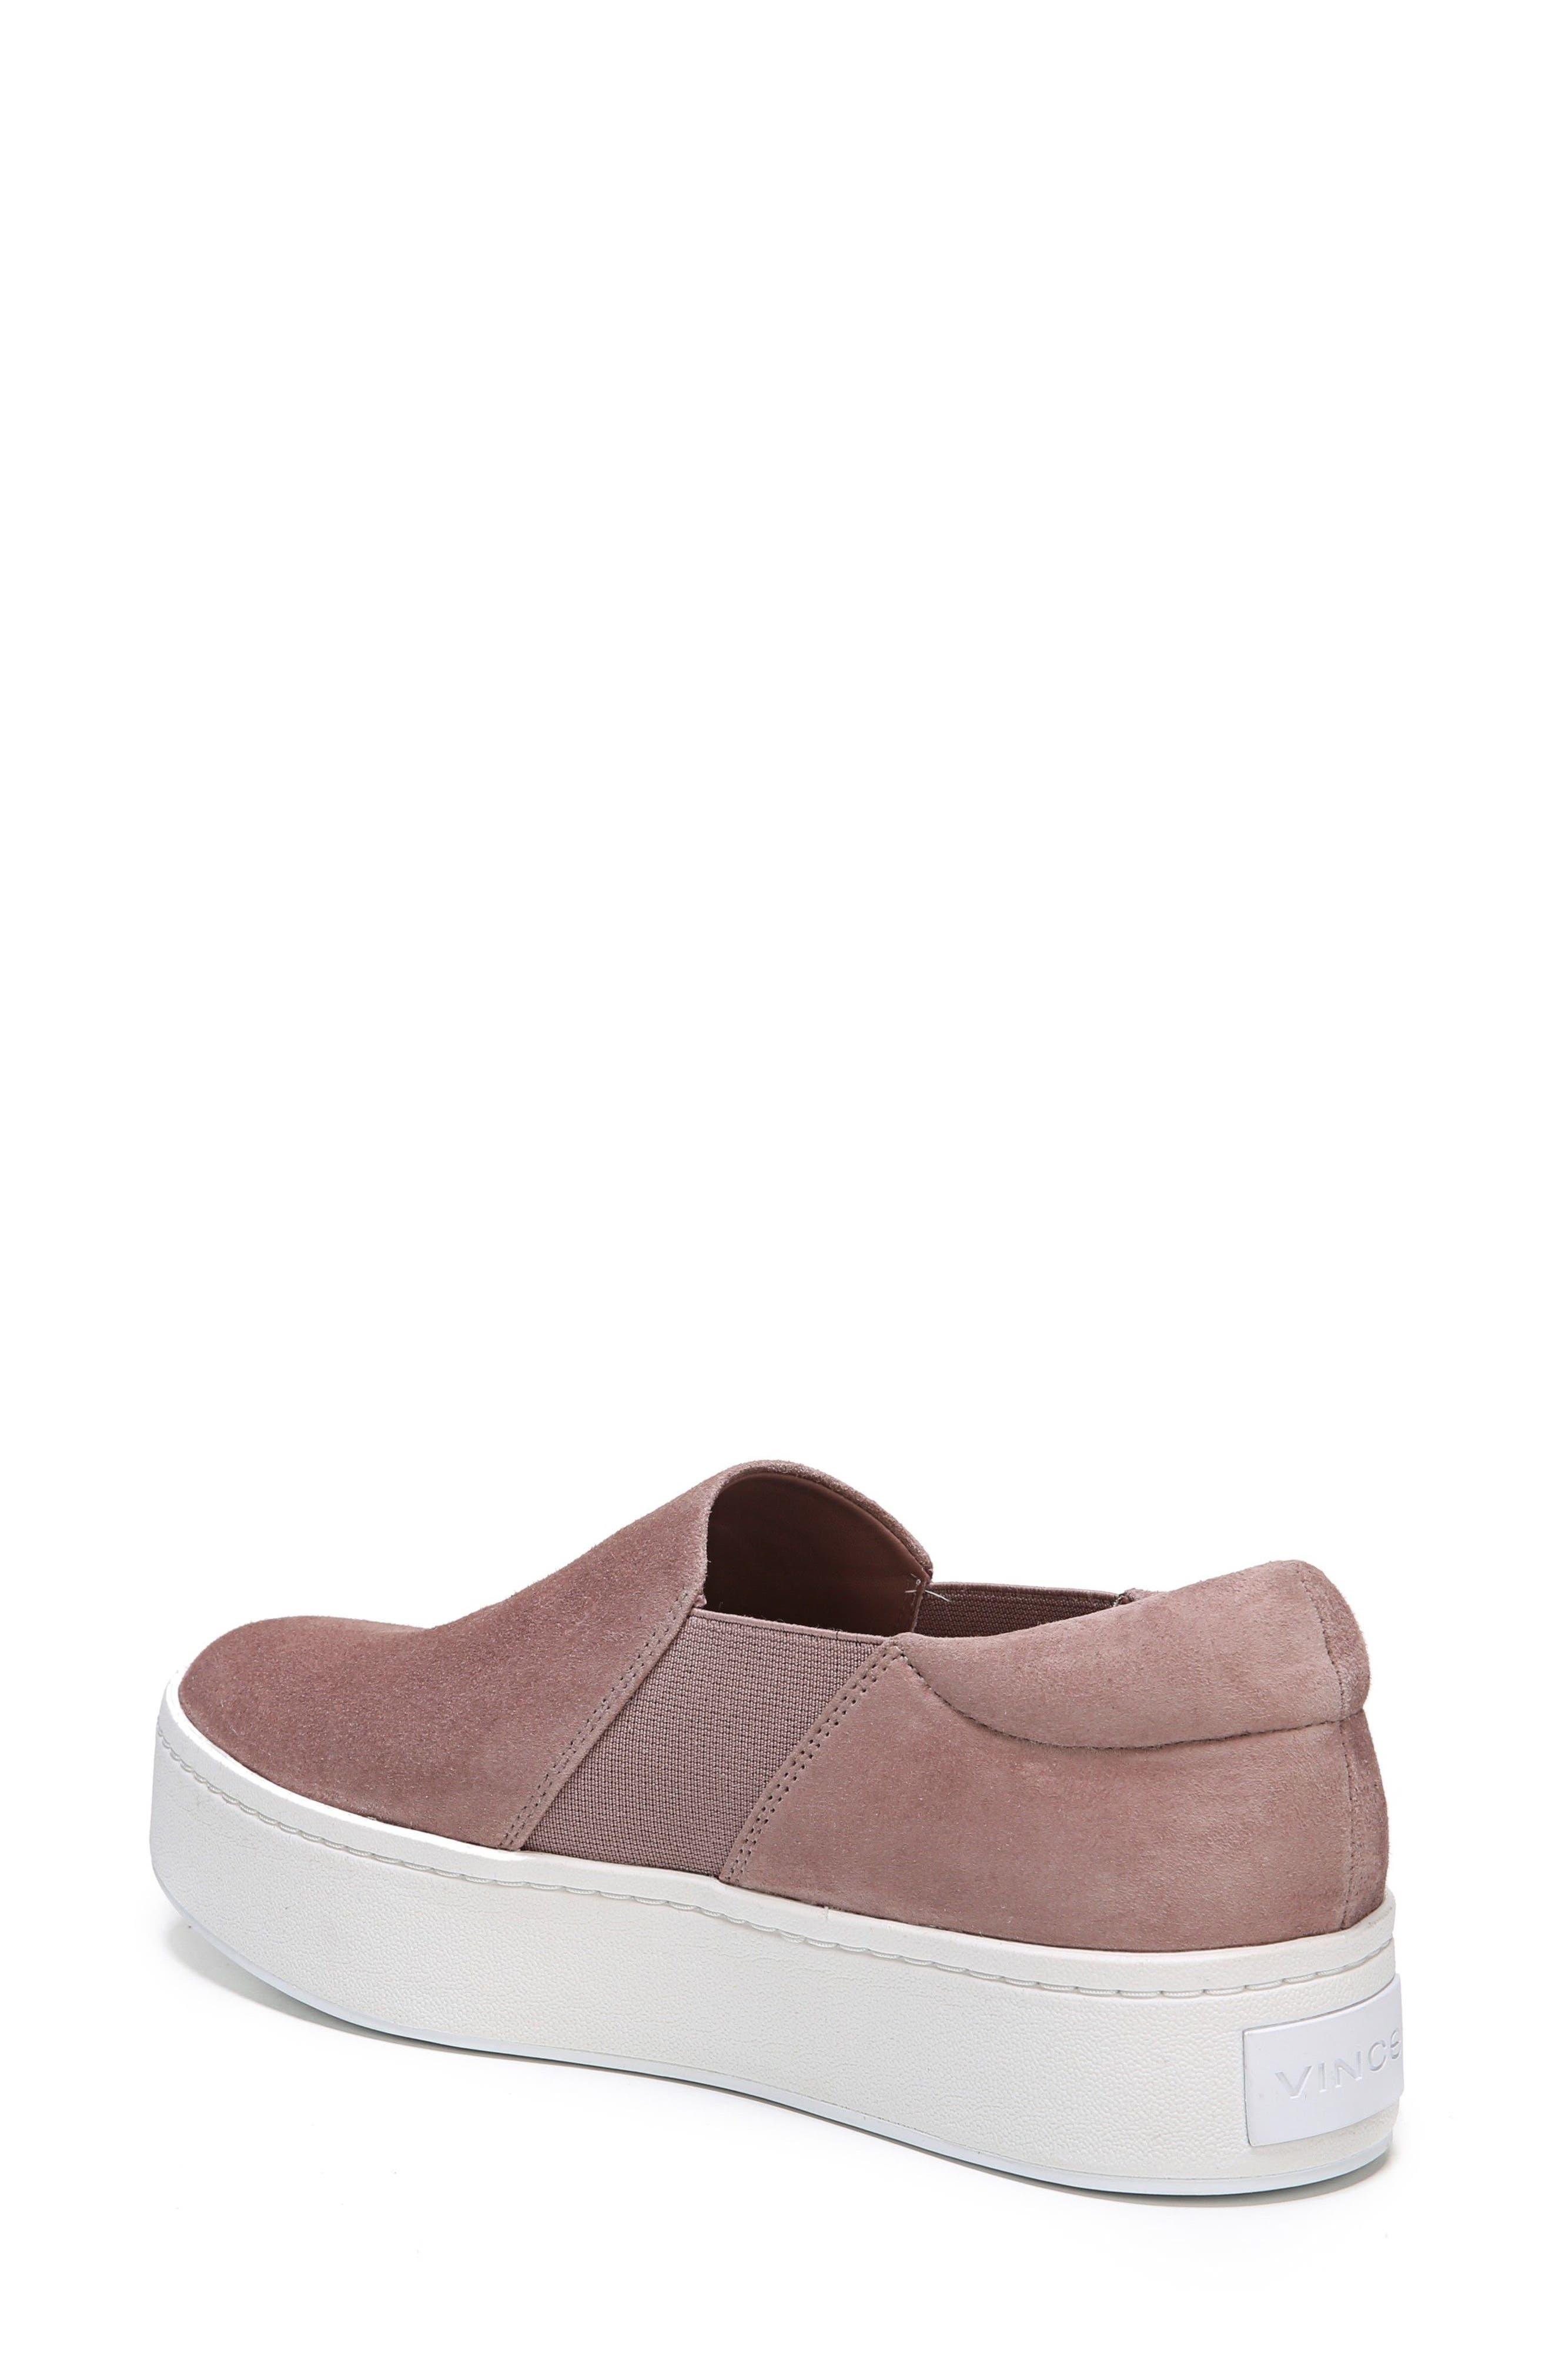 Warren Slip-On Sneaker,                             Alternate thumbnail 2, color,                             Hydrangea Suede